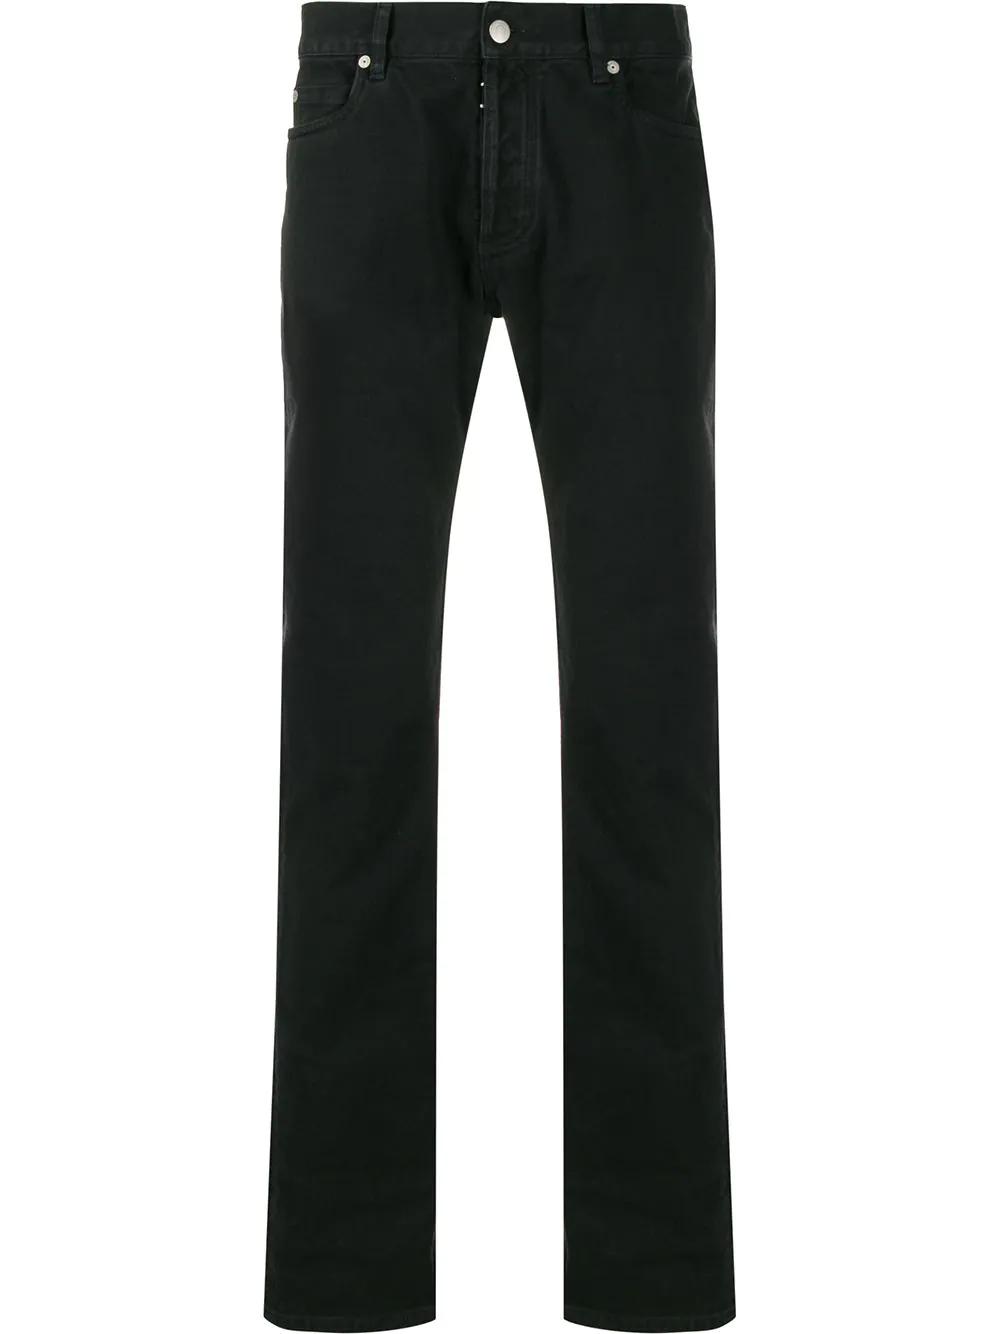 Maison Margiela | Maison Margiela джинсы с декоративной строчкой | Clouty